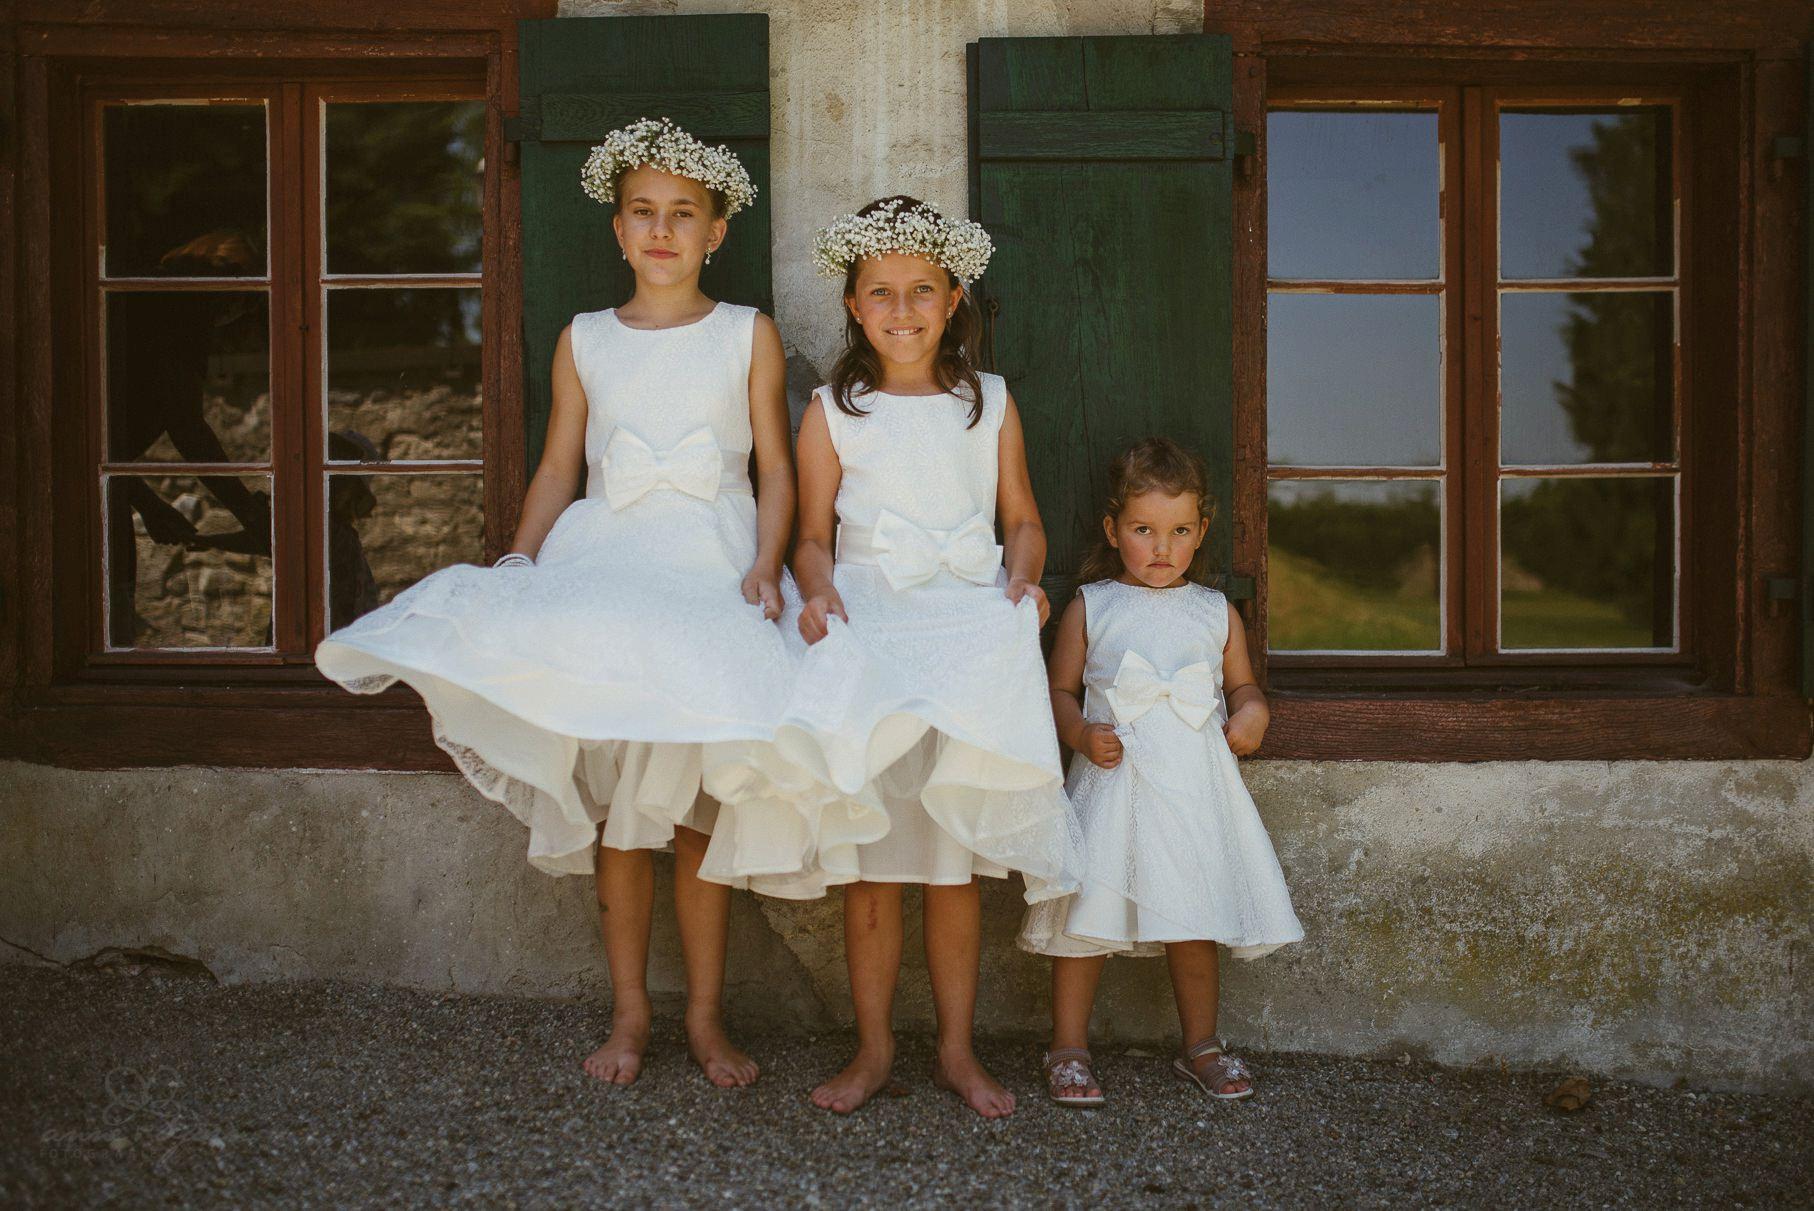 0076 anne und bjoern hochzeit schweiz d75 0493 - DIY Hochzeit in der Schweiz - Sabrina & Christoph